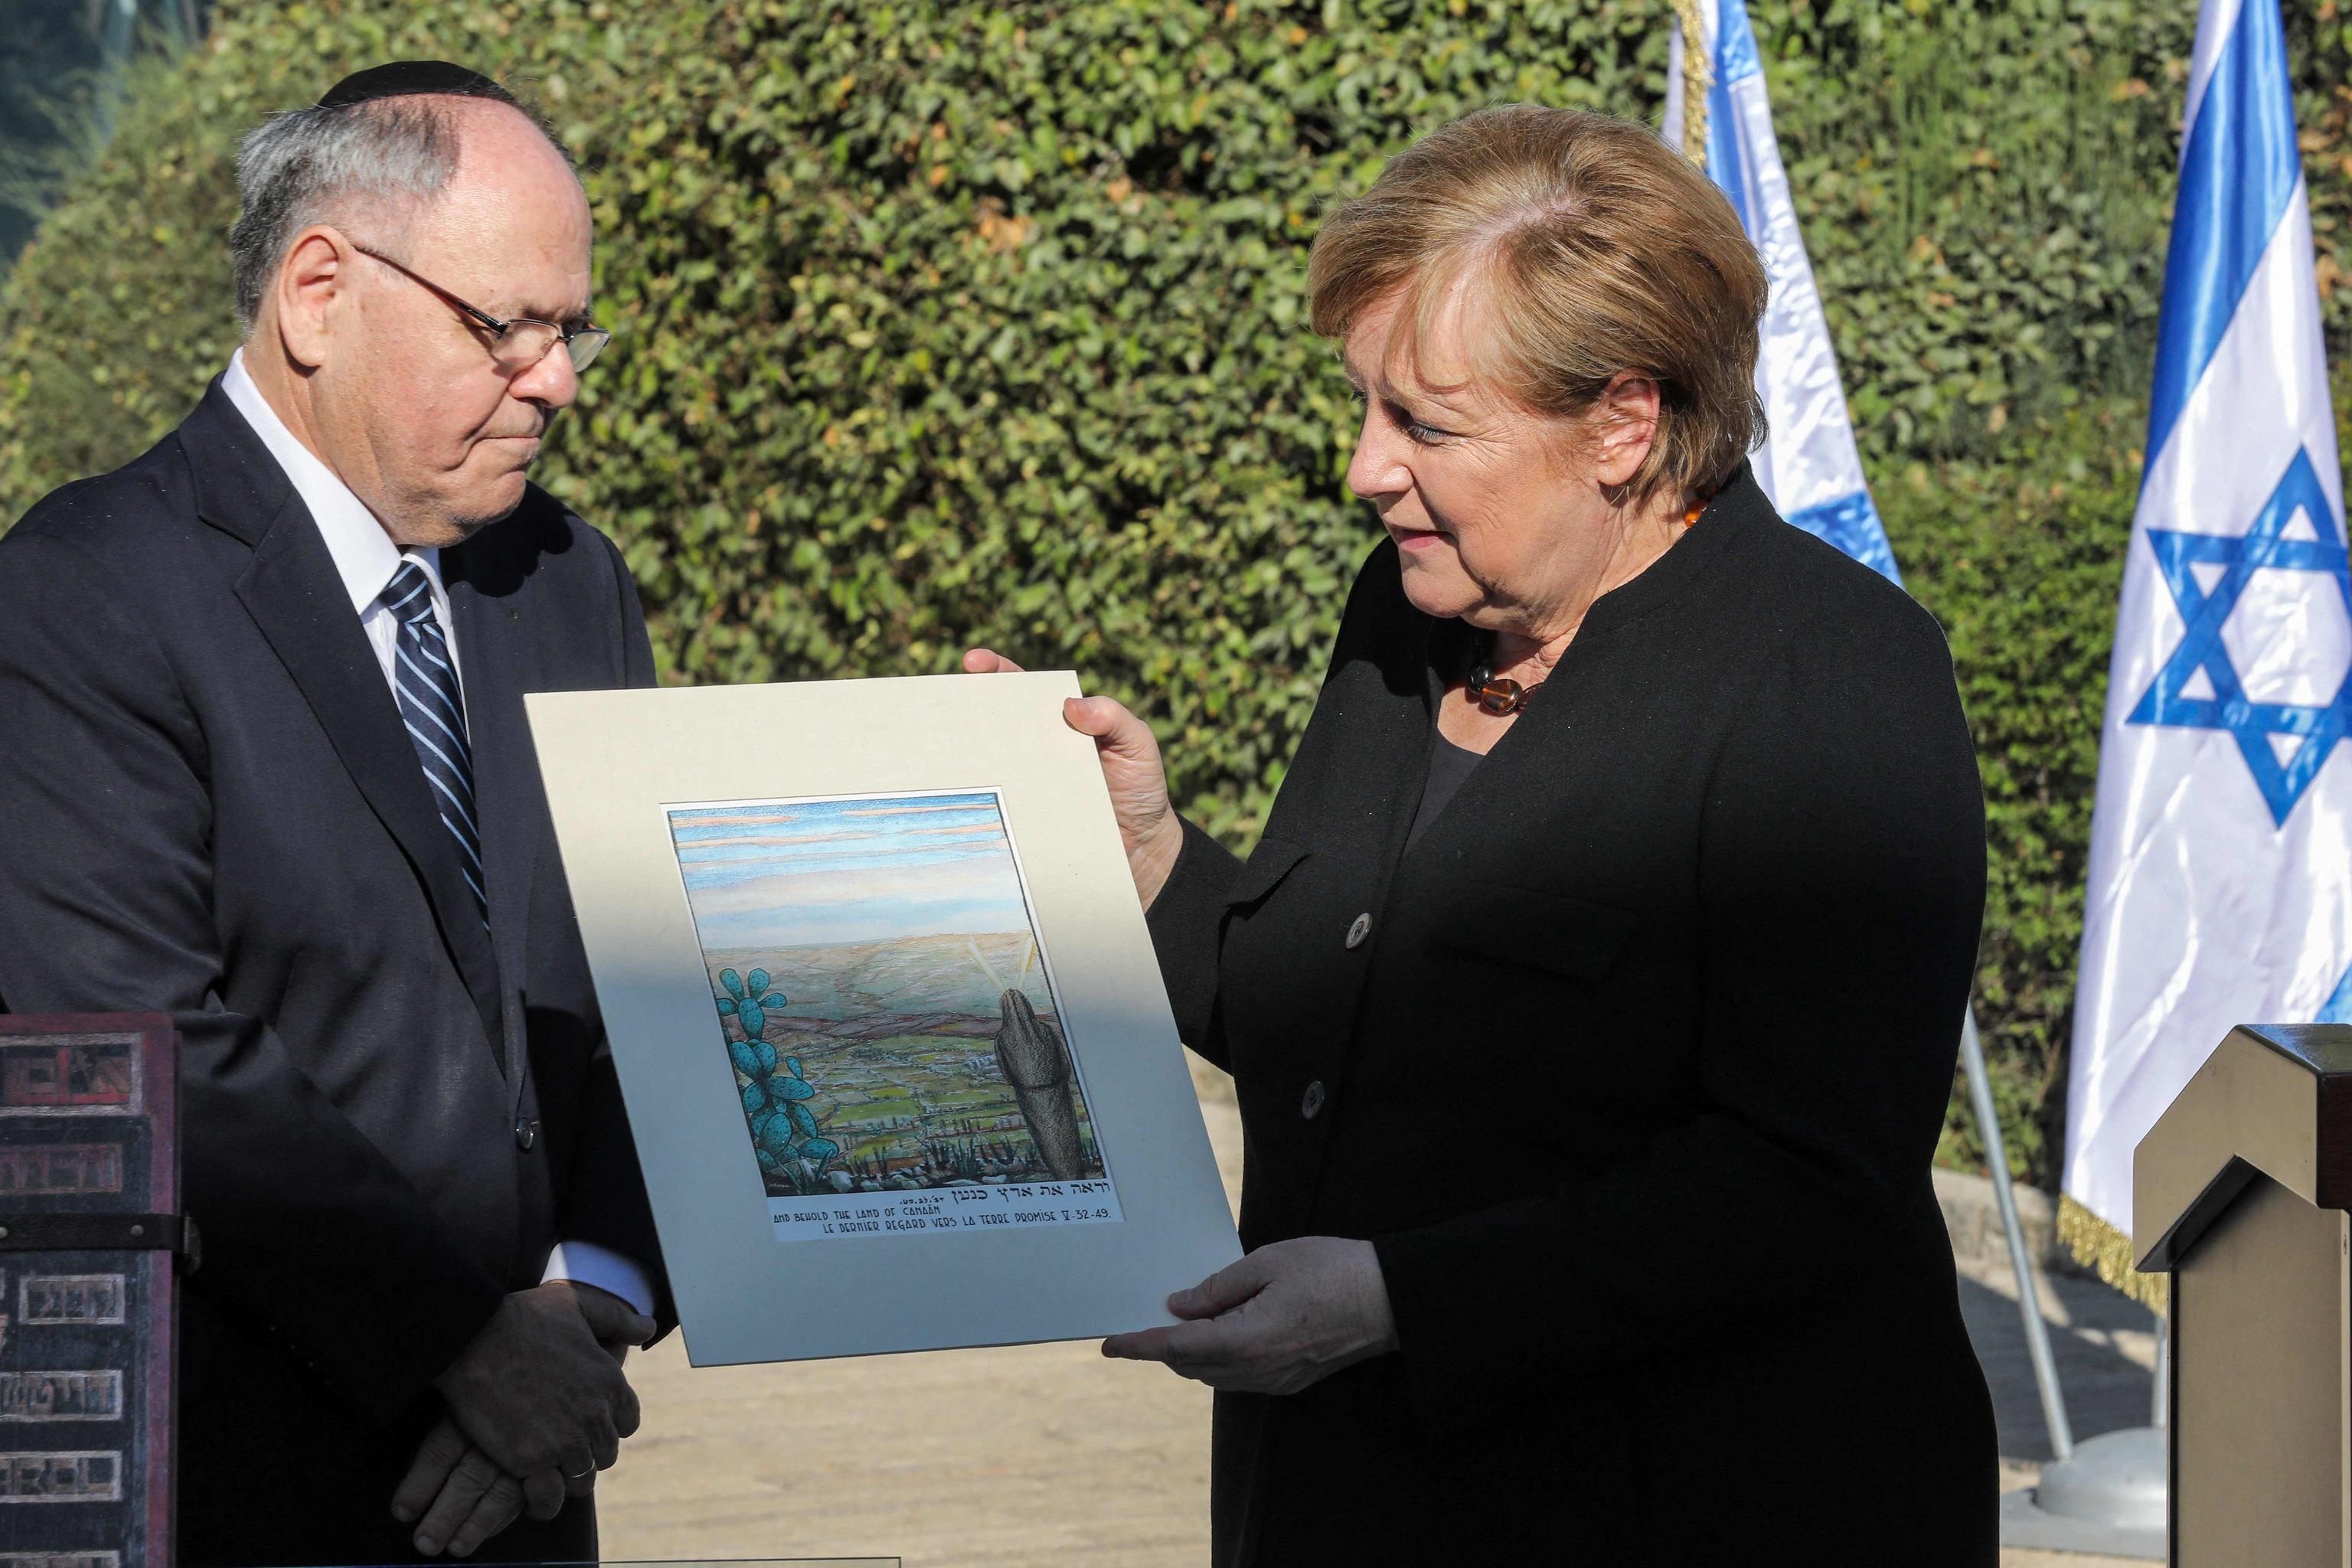 Angela Merkel en una ceremonia hoy en Jerusalén.